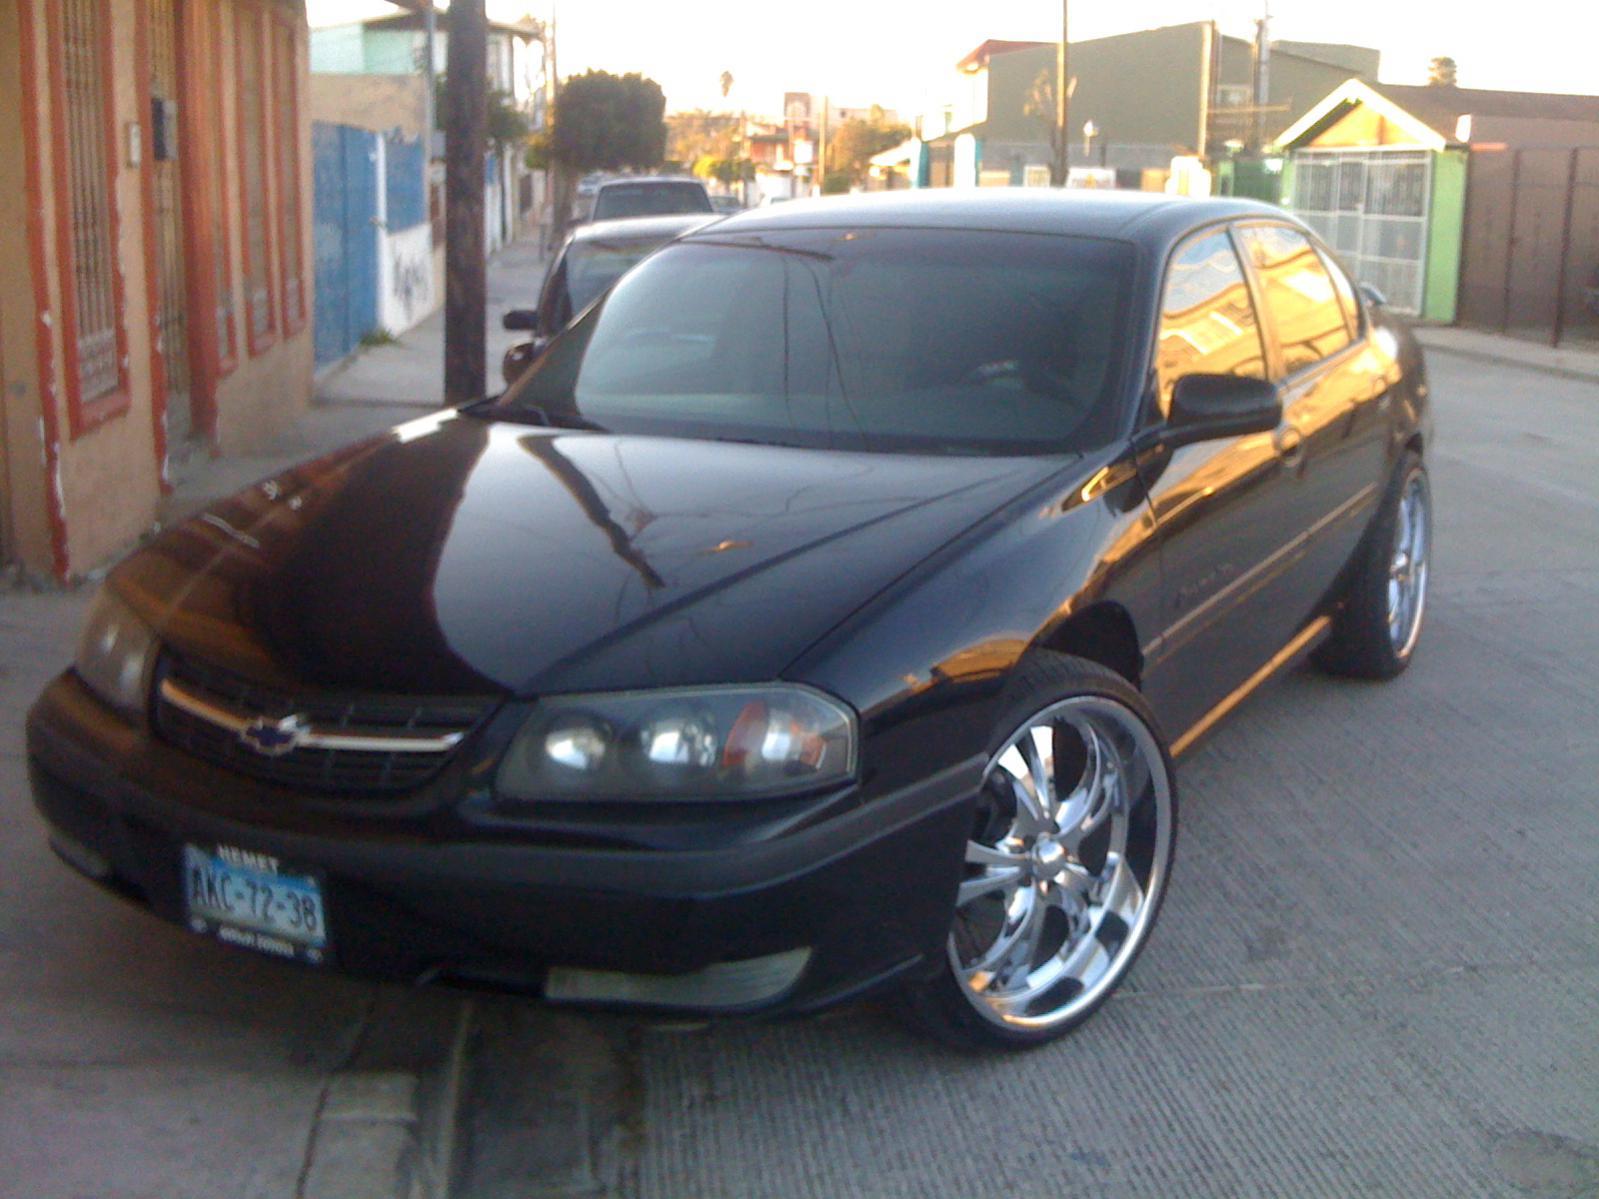 Impala 2004 chevrolet impala : 22 in my impala 2004 - Chevy Impala Forums